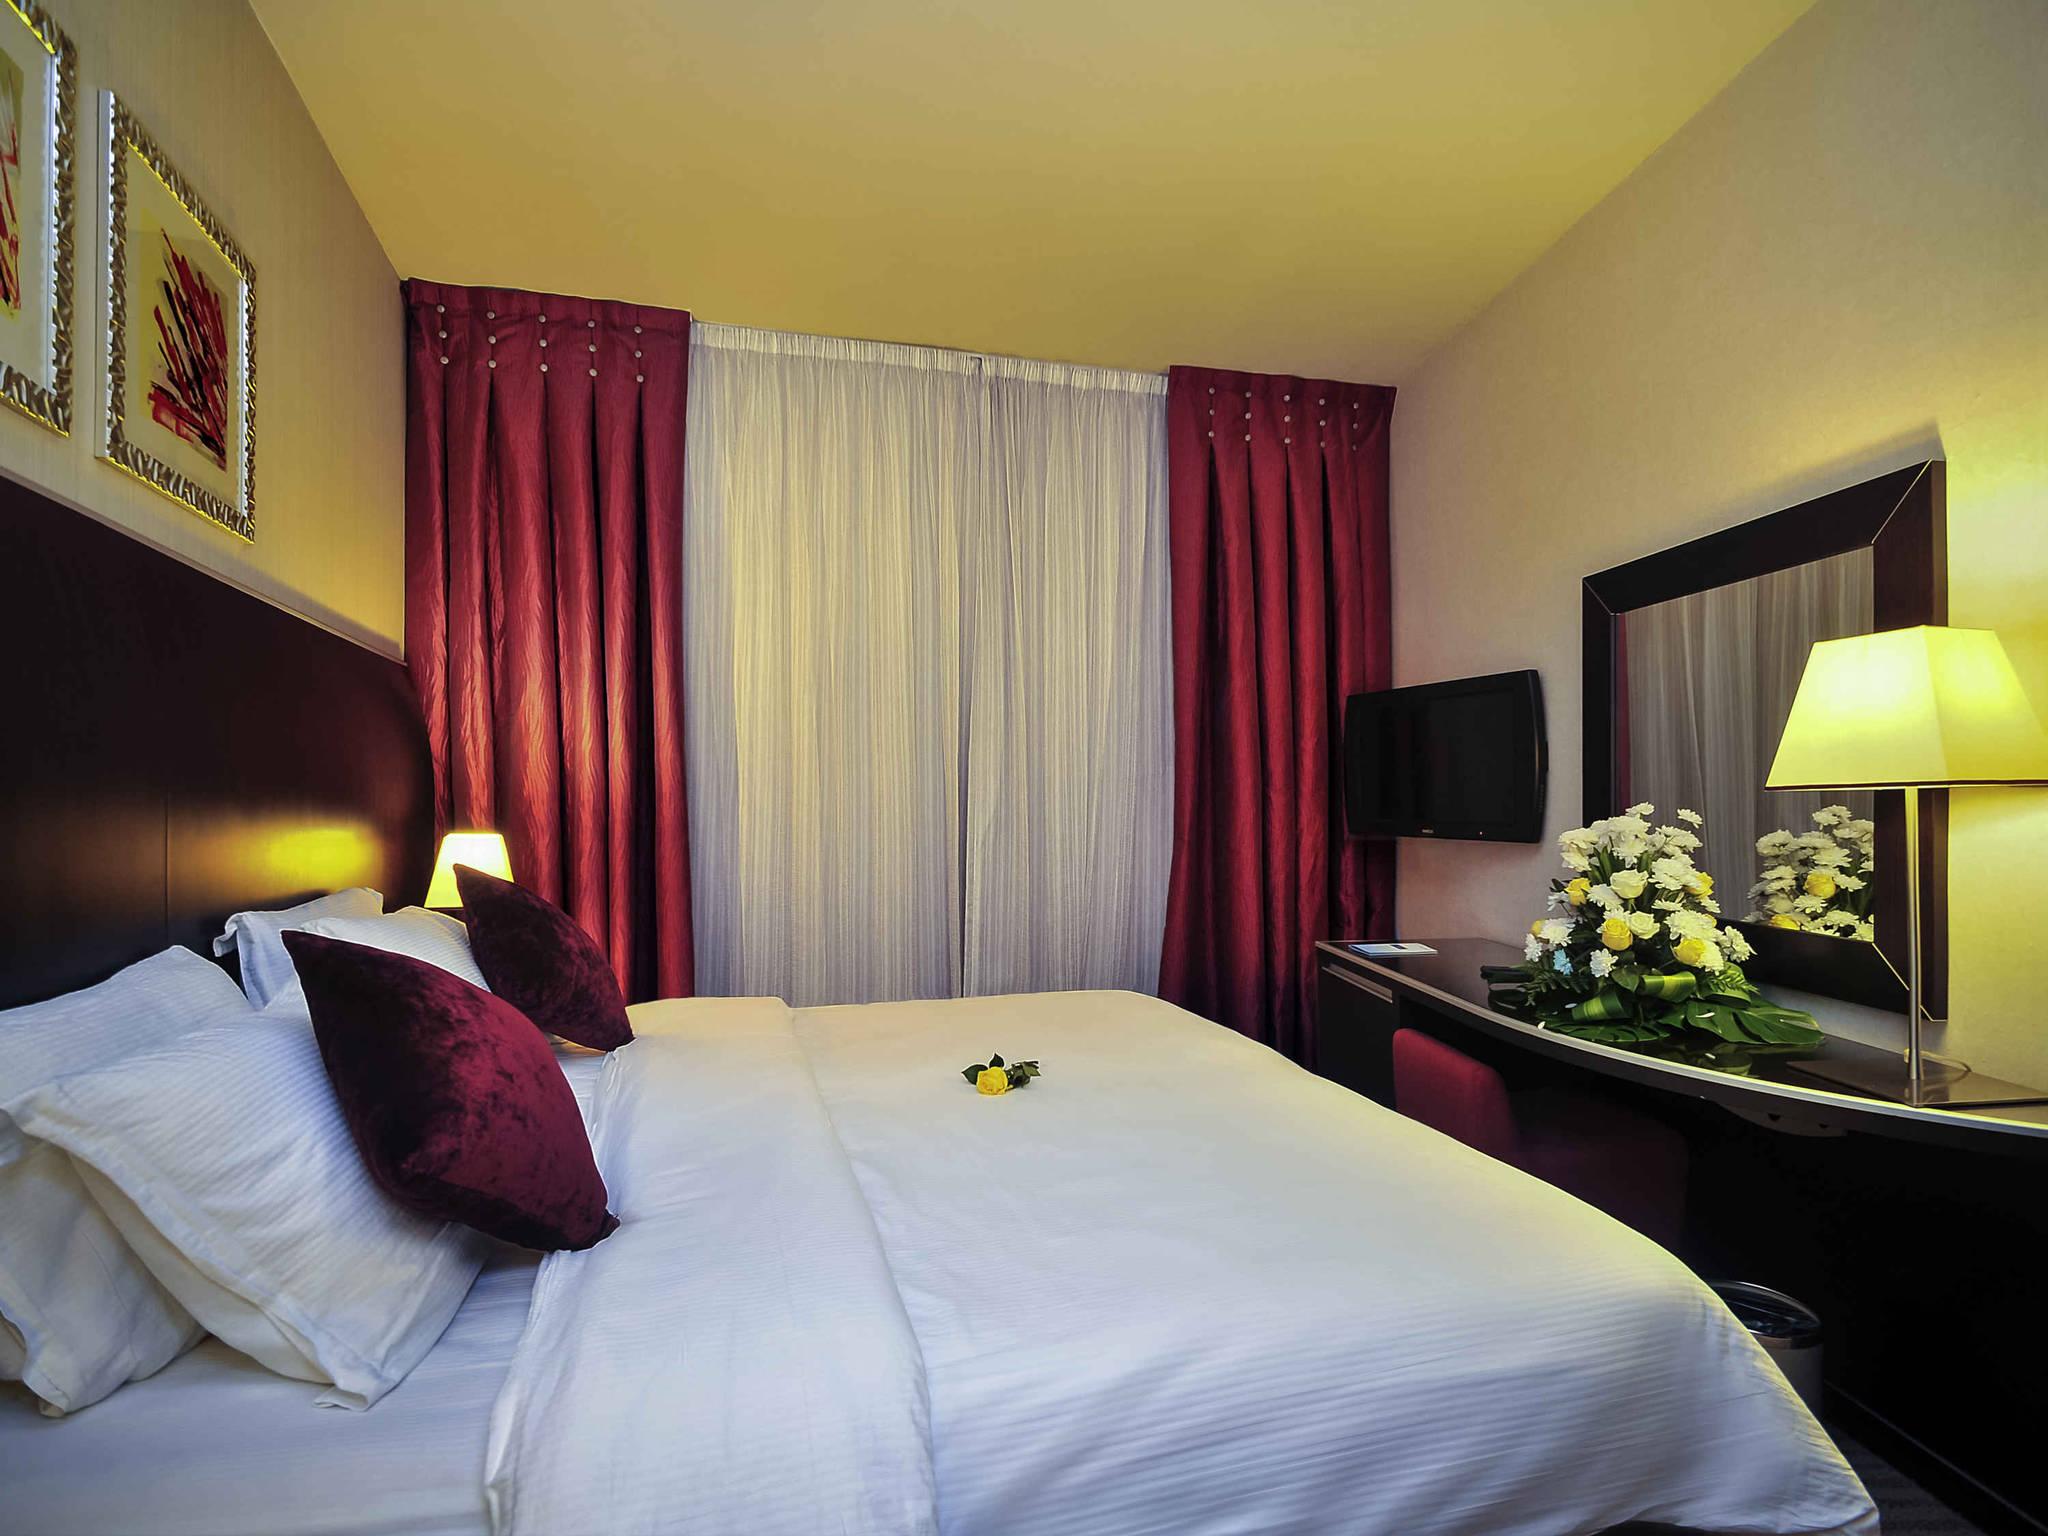 فندق - المجلس جراند مركيور Grand Mercure المدينة المنوّرة